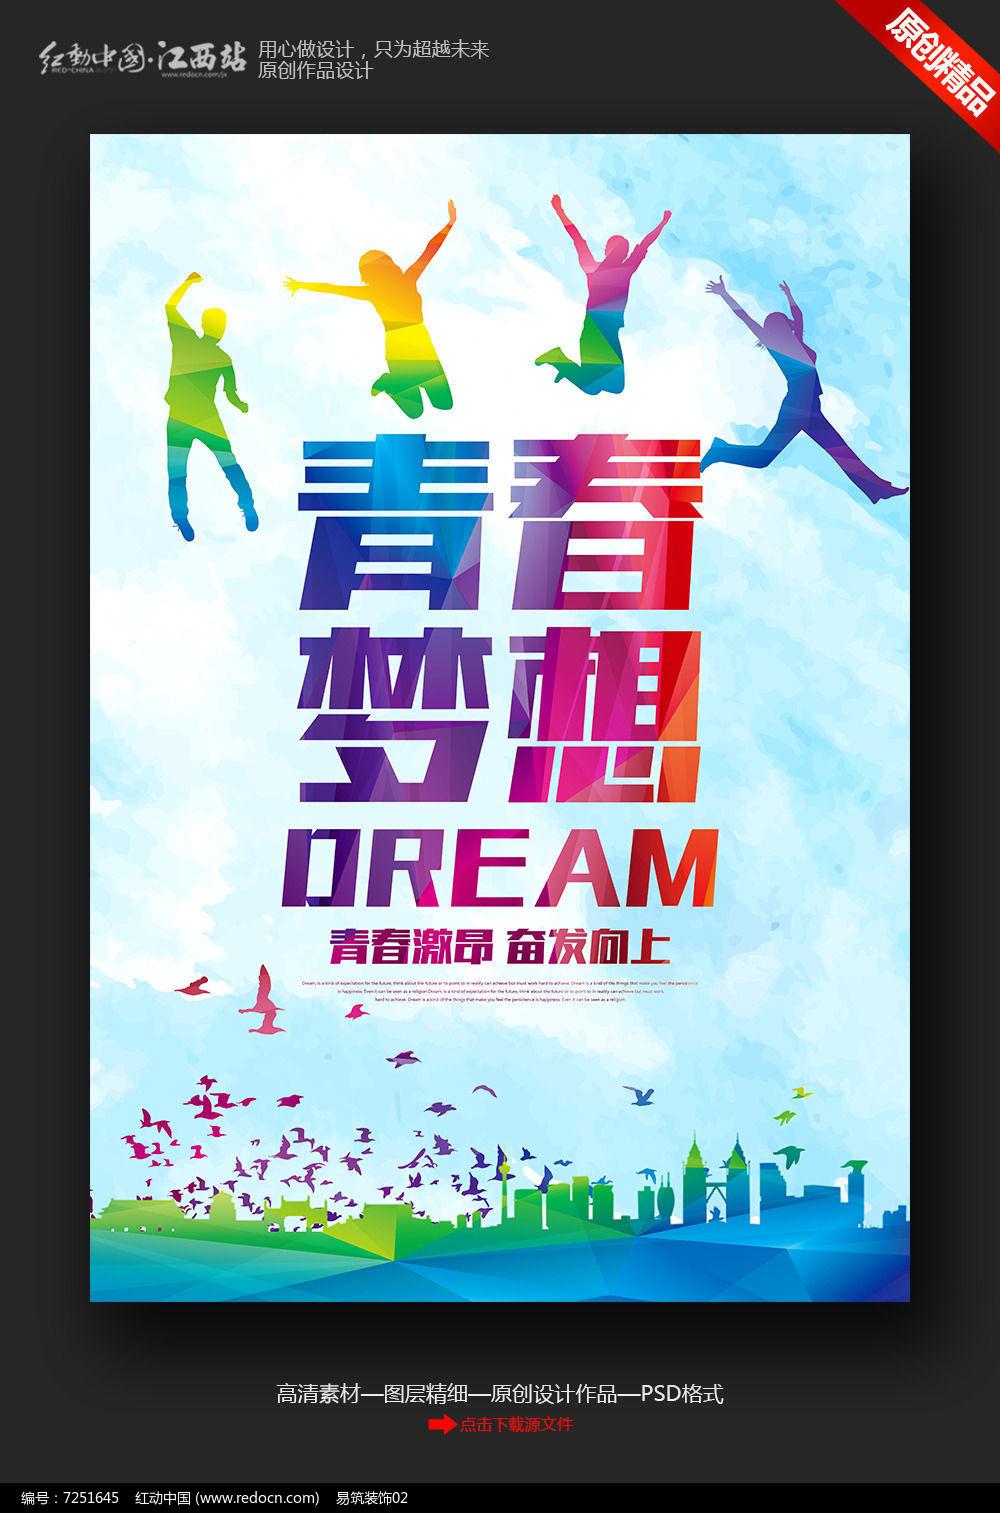 简约青春梦想宣传海报设计